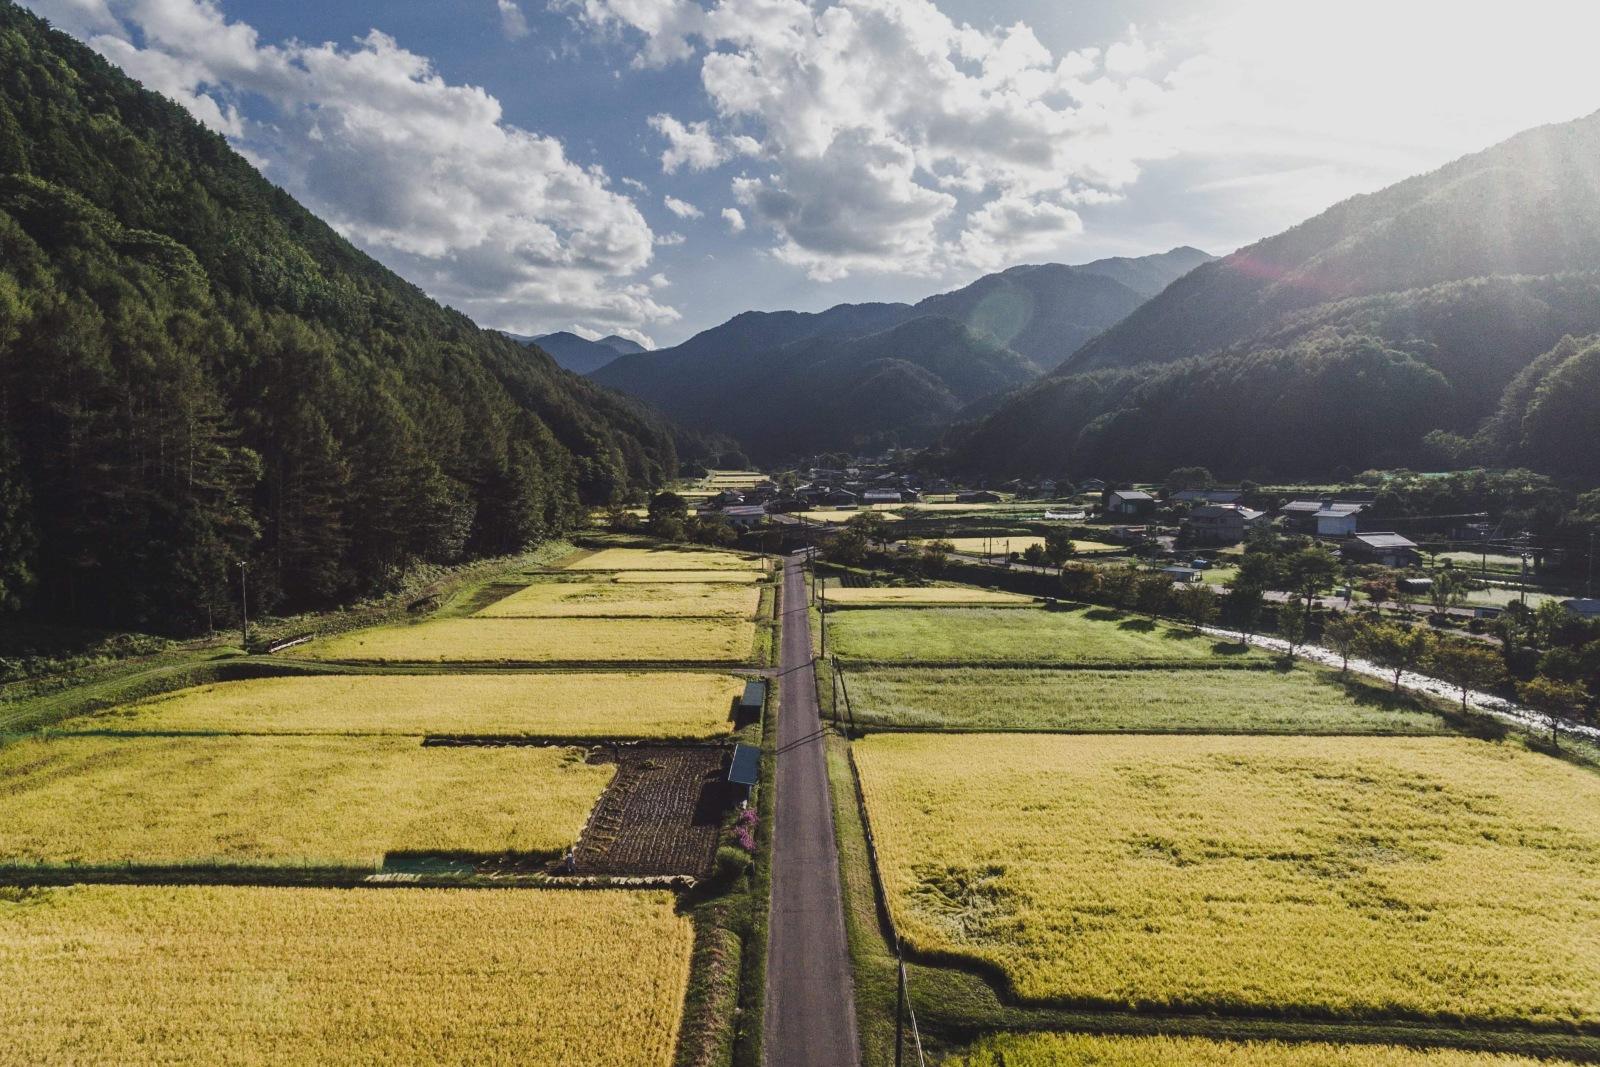 日本の原風景が残る辰野町の里山・川島エリア(写真提供:PINTO. 小口広希)